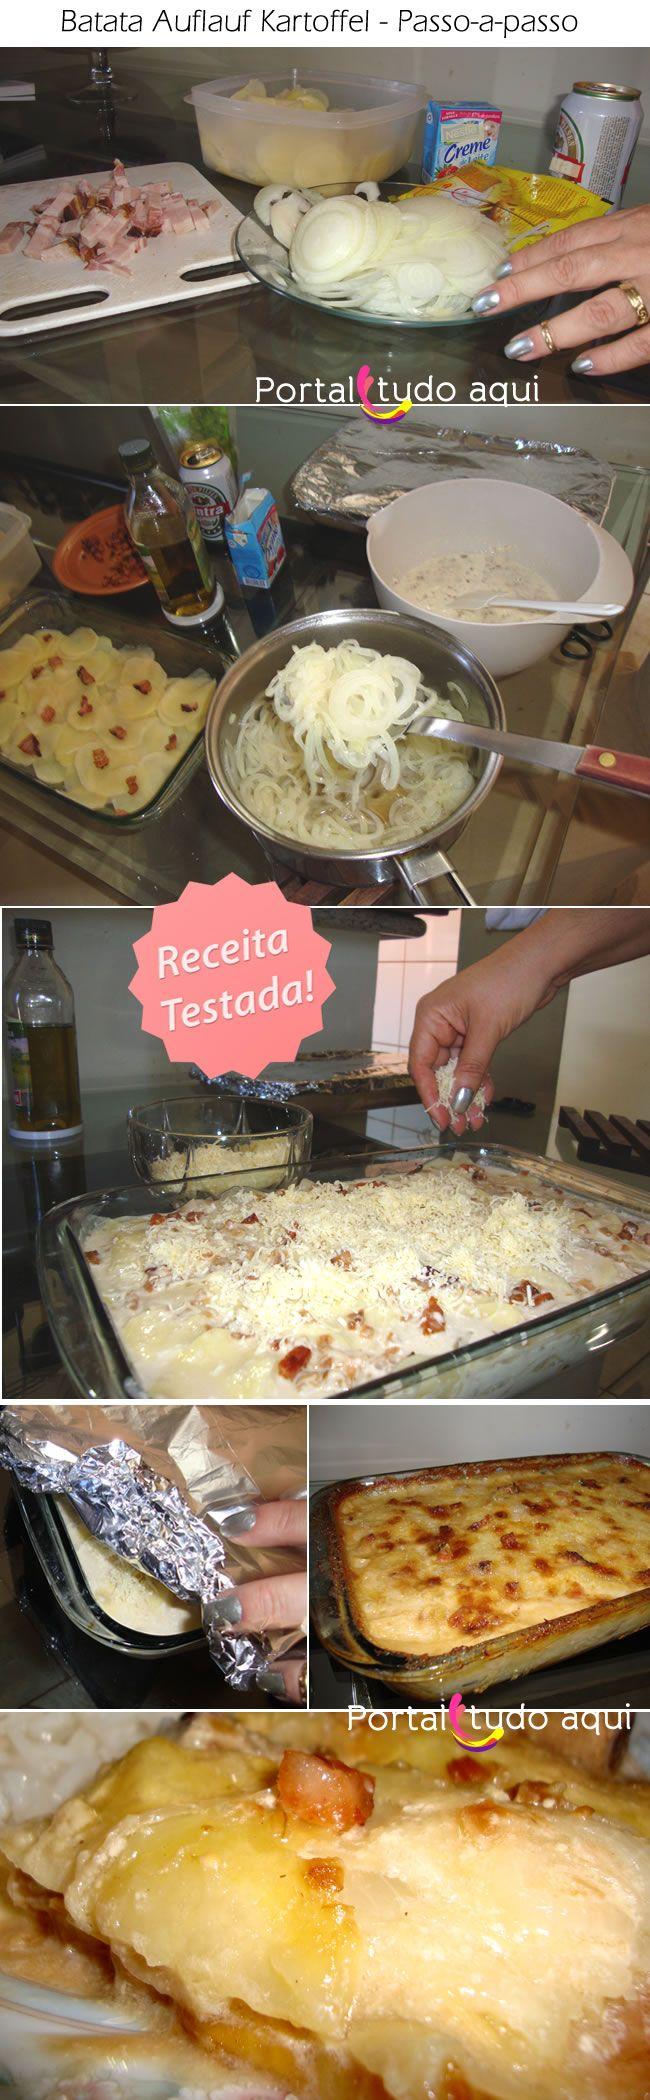 A Batata gratinada com cerveja e bacon ao molho creme de cebola, também conhecida como Auflauf Kartoffel , é uma receita alemã feita carinhosamente em um molho cremoso e envolvente de comer rezando! veja o passo-a-passo dessa delícia!